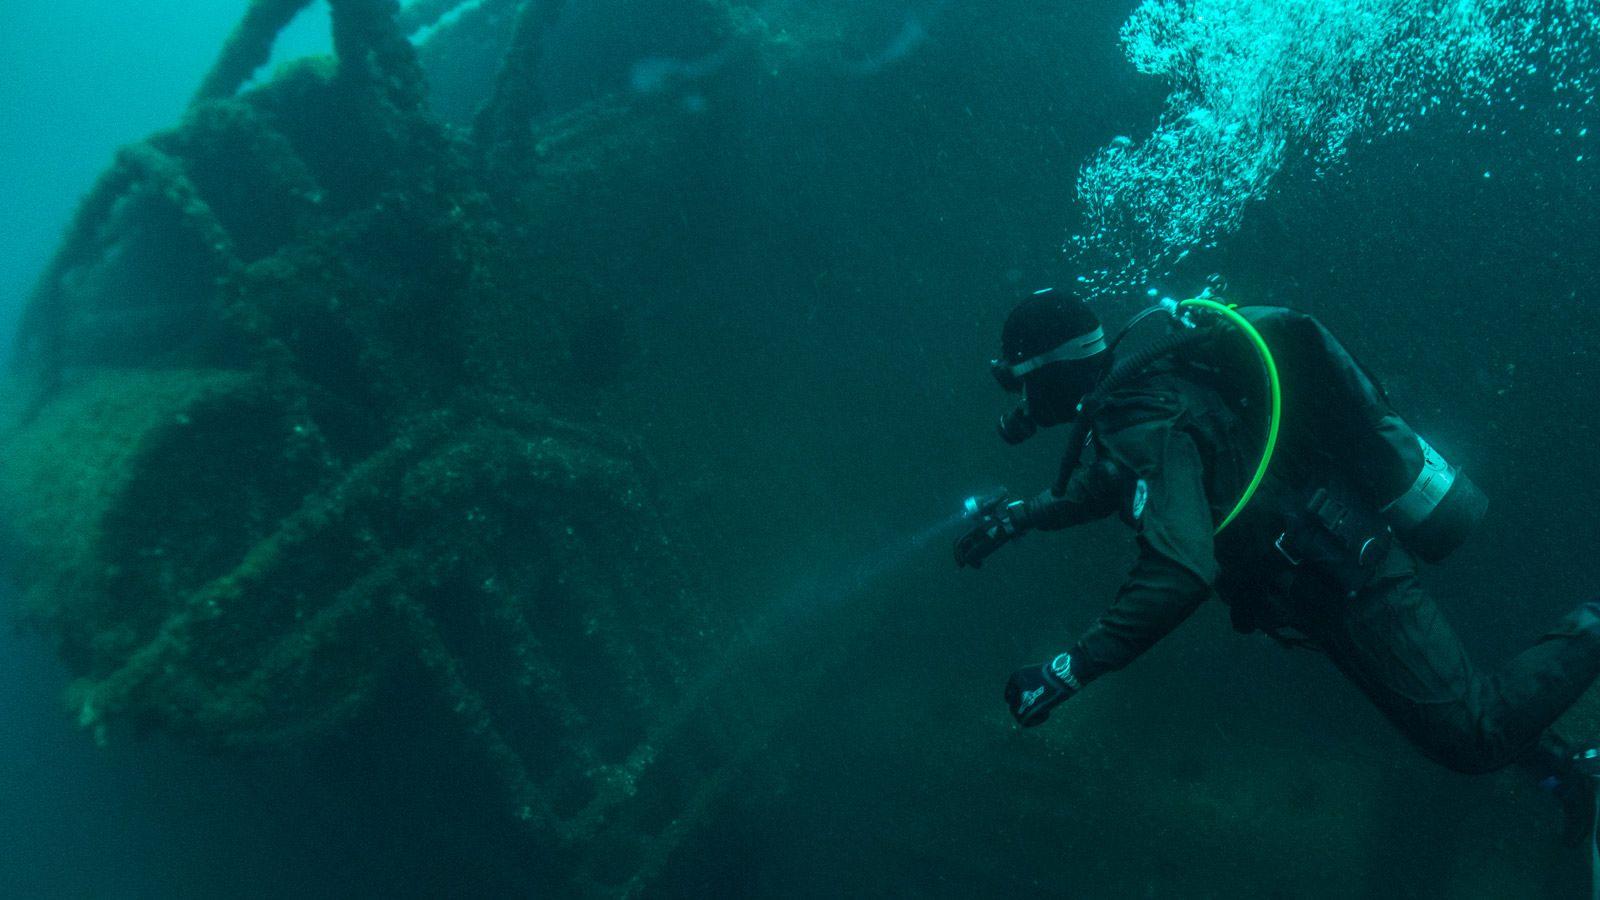 Tudor-Great-Lakes-Diving-Gear-Patrol-Hero